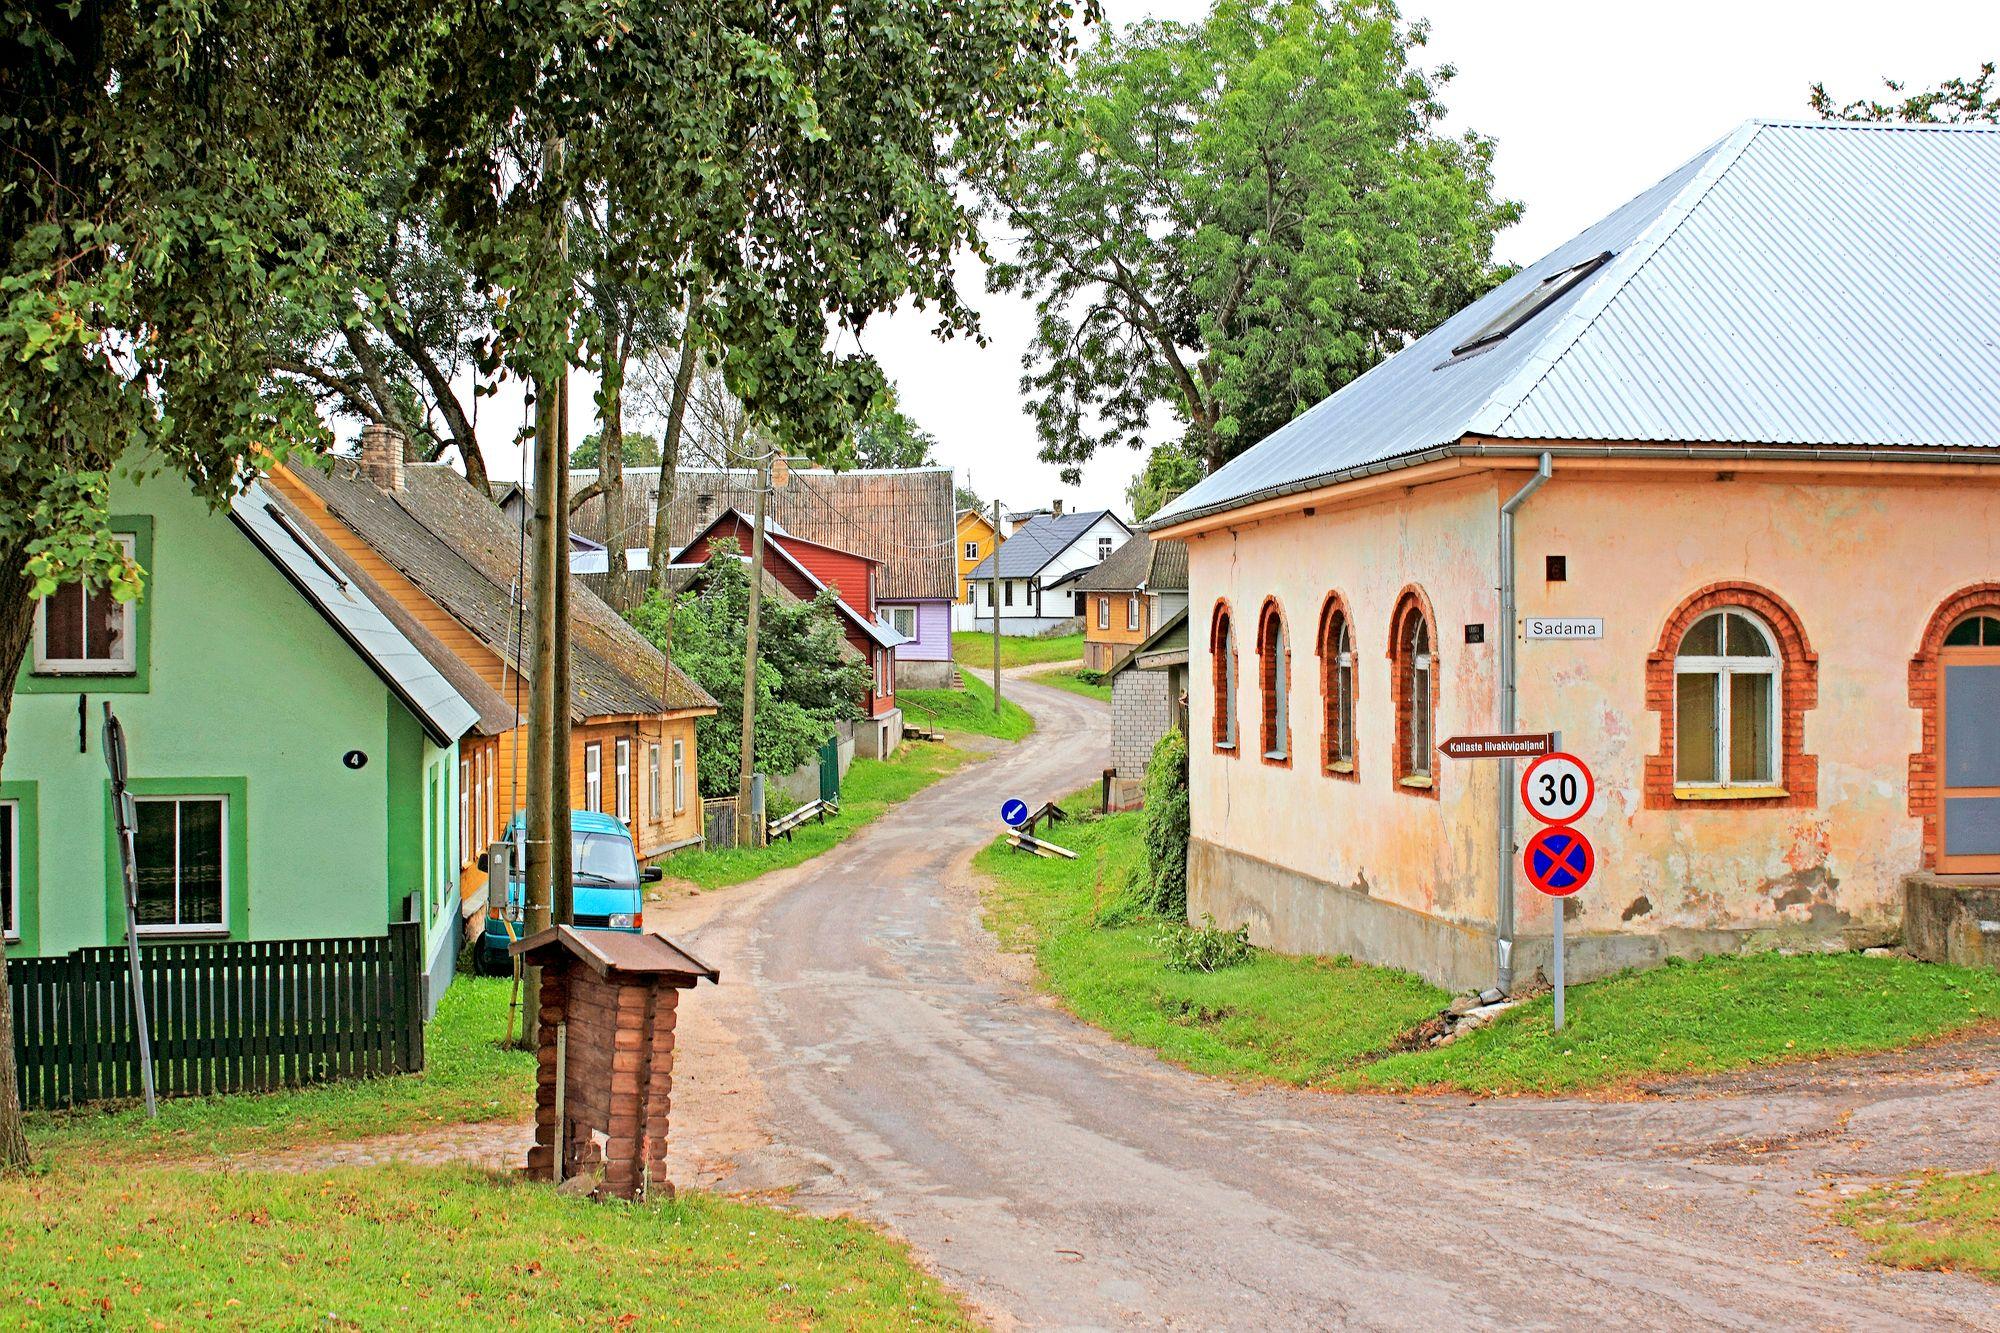 Peipsijärven alueella asuu yhä vanhauskoisia ortodokseja, joilla on omat talonsa, kirkkonsa ja tapansa. © istock